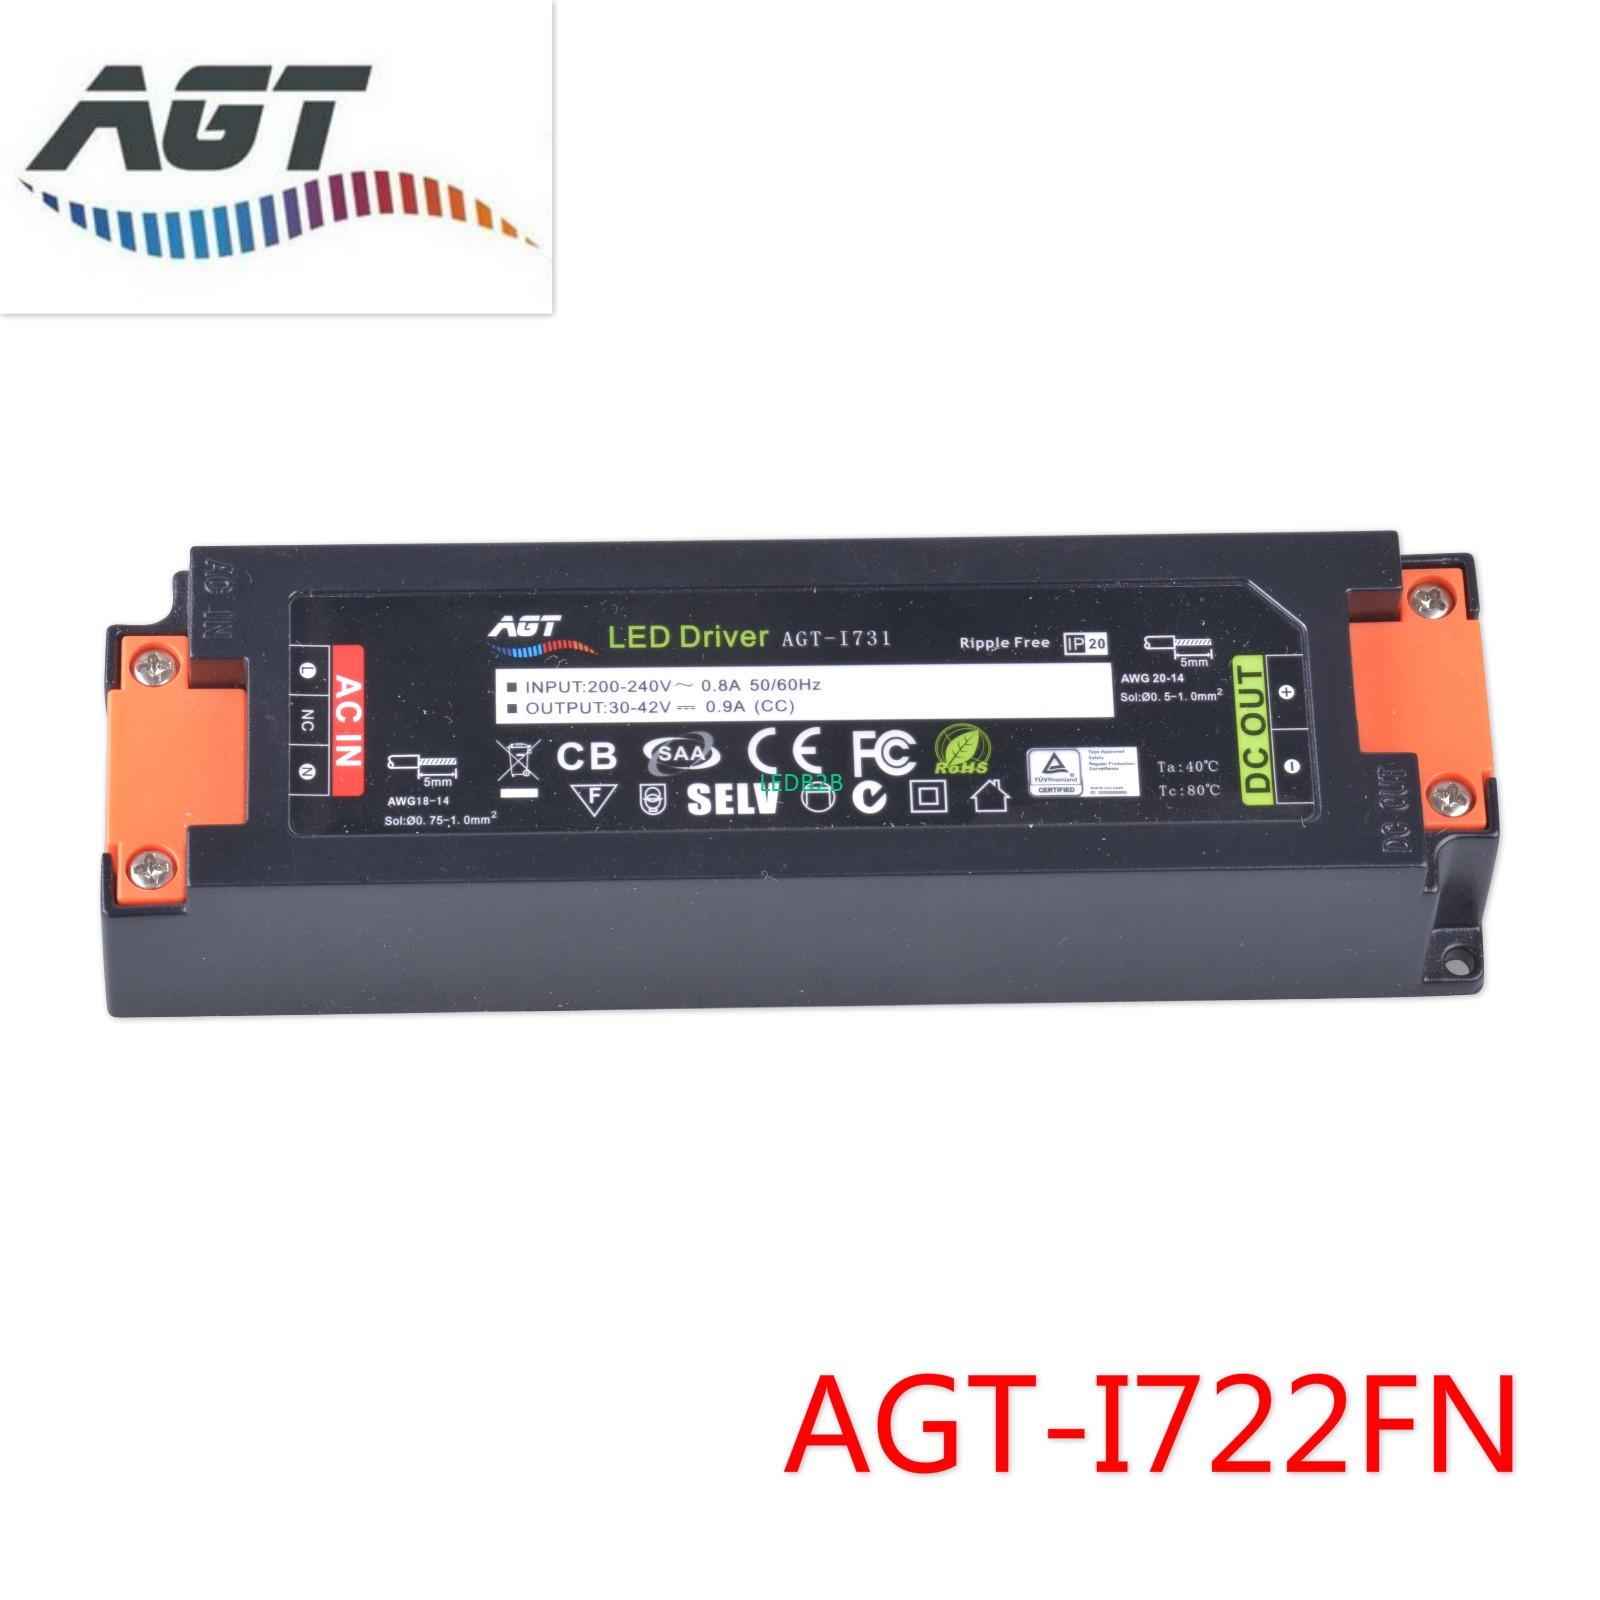 AGT-I722FN 2.jpg